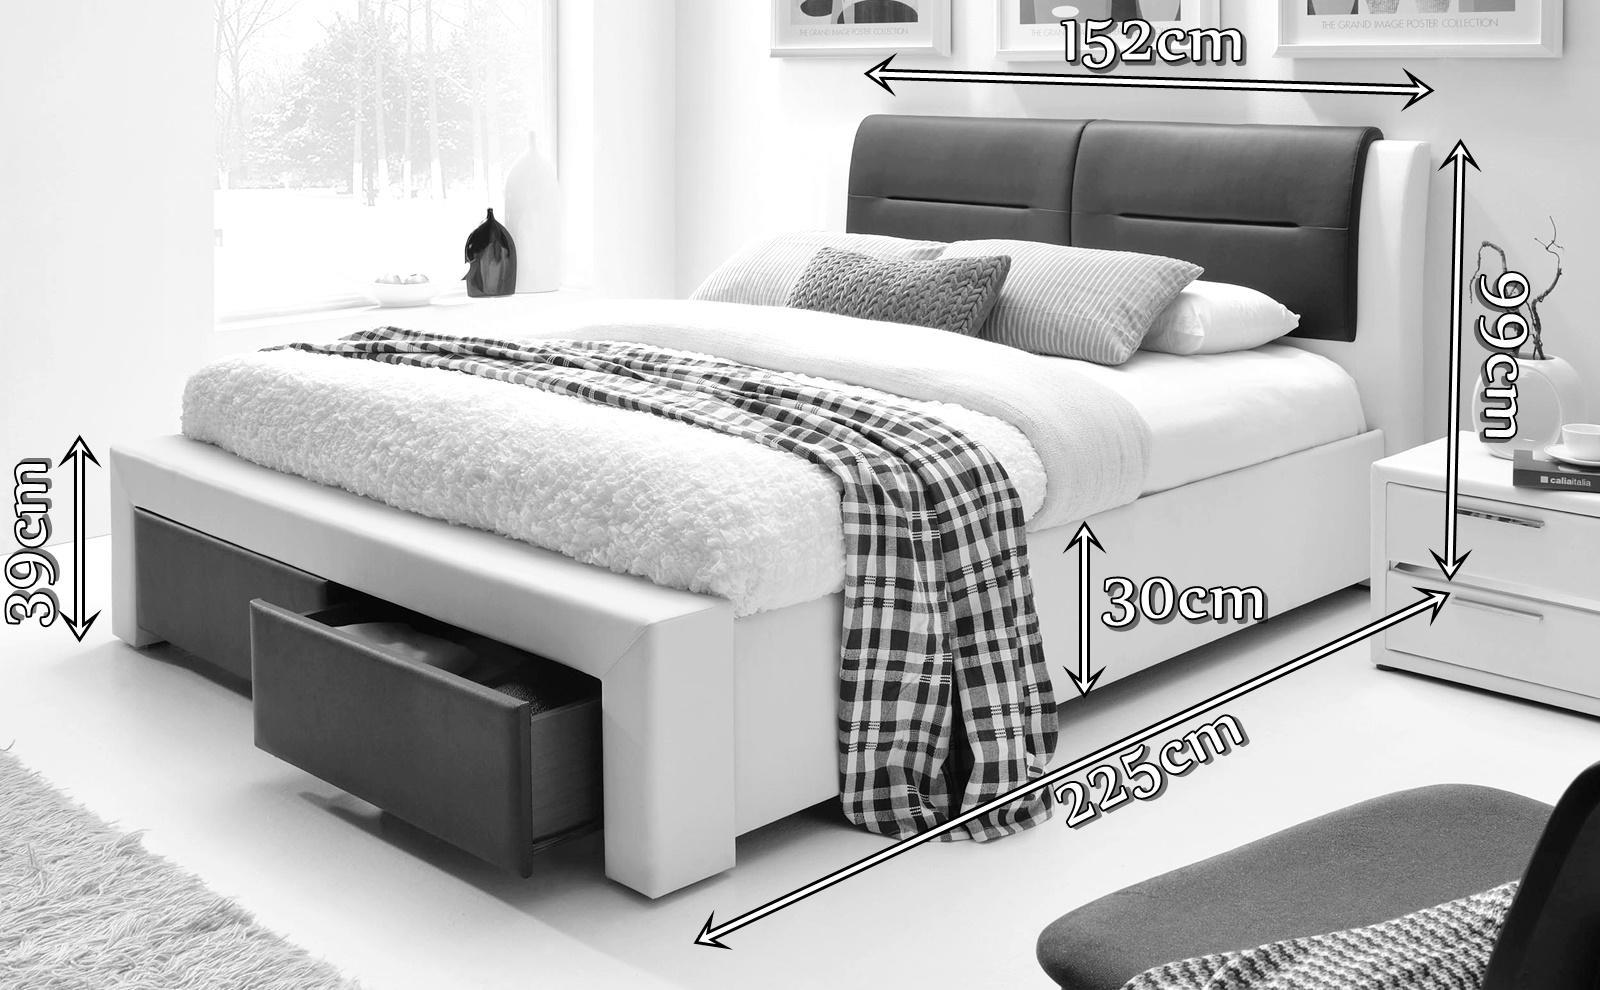 Łóżko Cassandra S Halmar wymiary